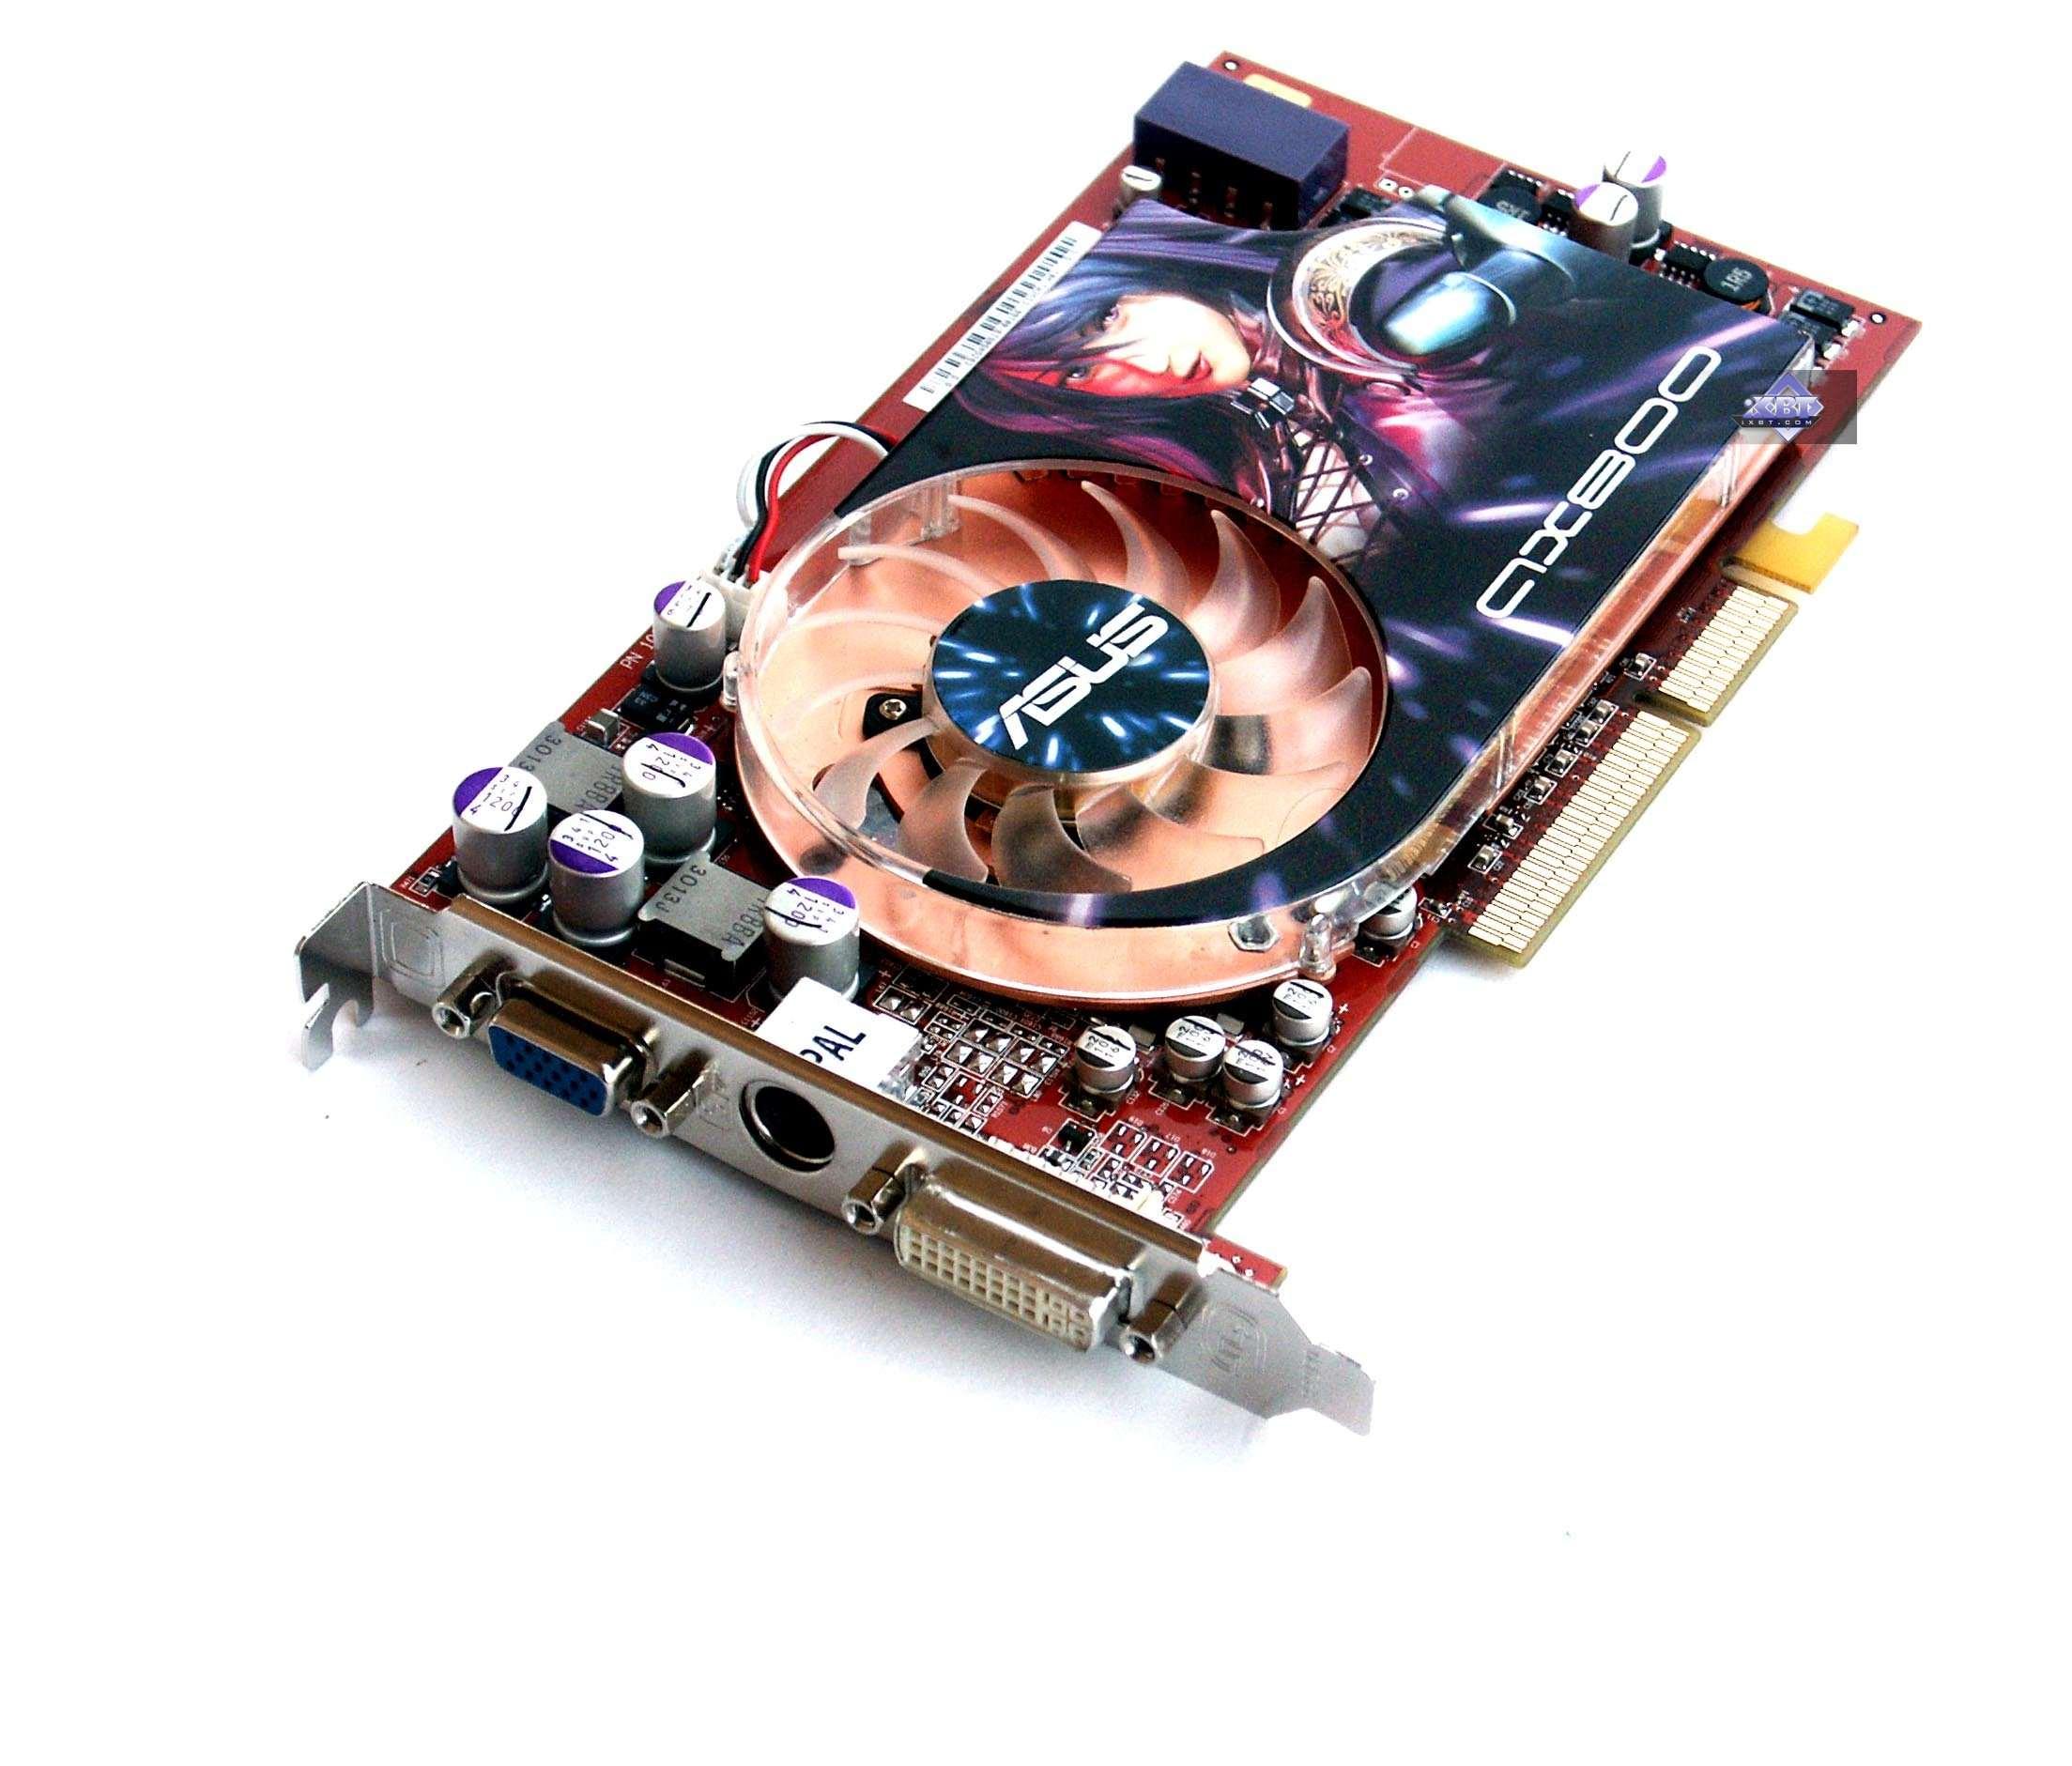 ASUS AX800PRO/TV/256M ATI GRAPHICS WINDOWS 8 DRIVER DOWNLOAD